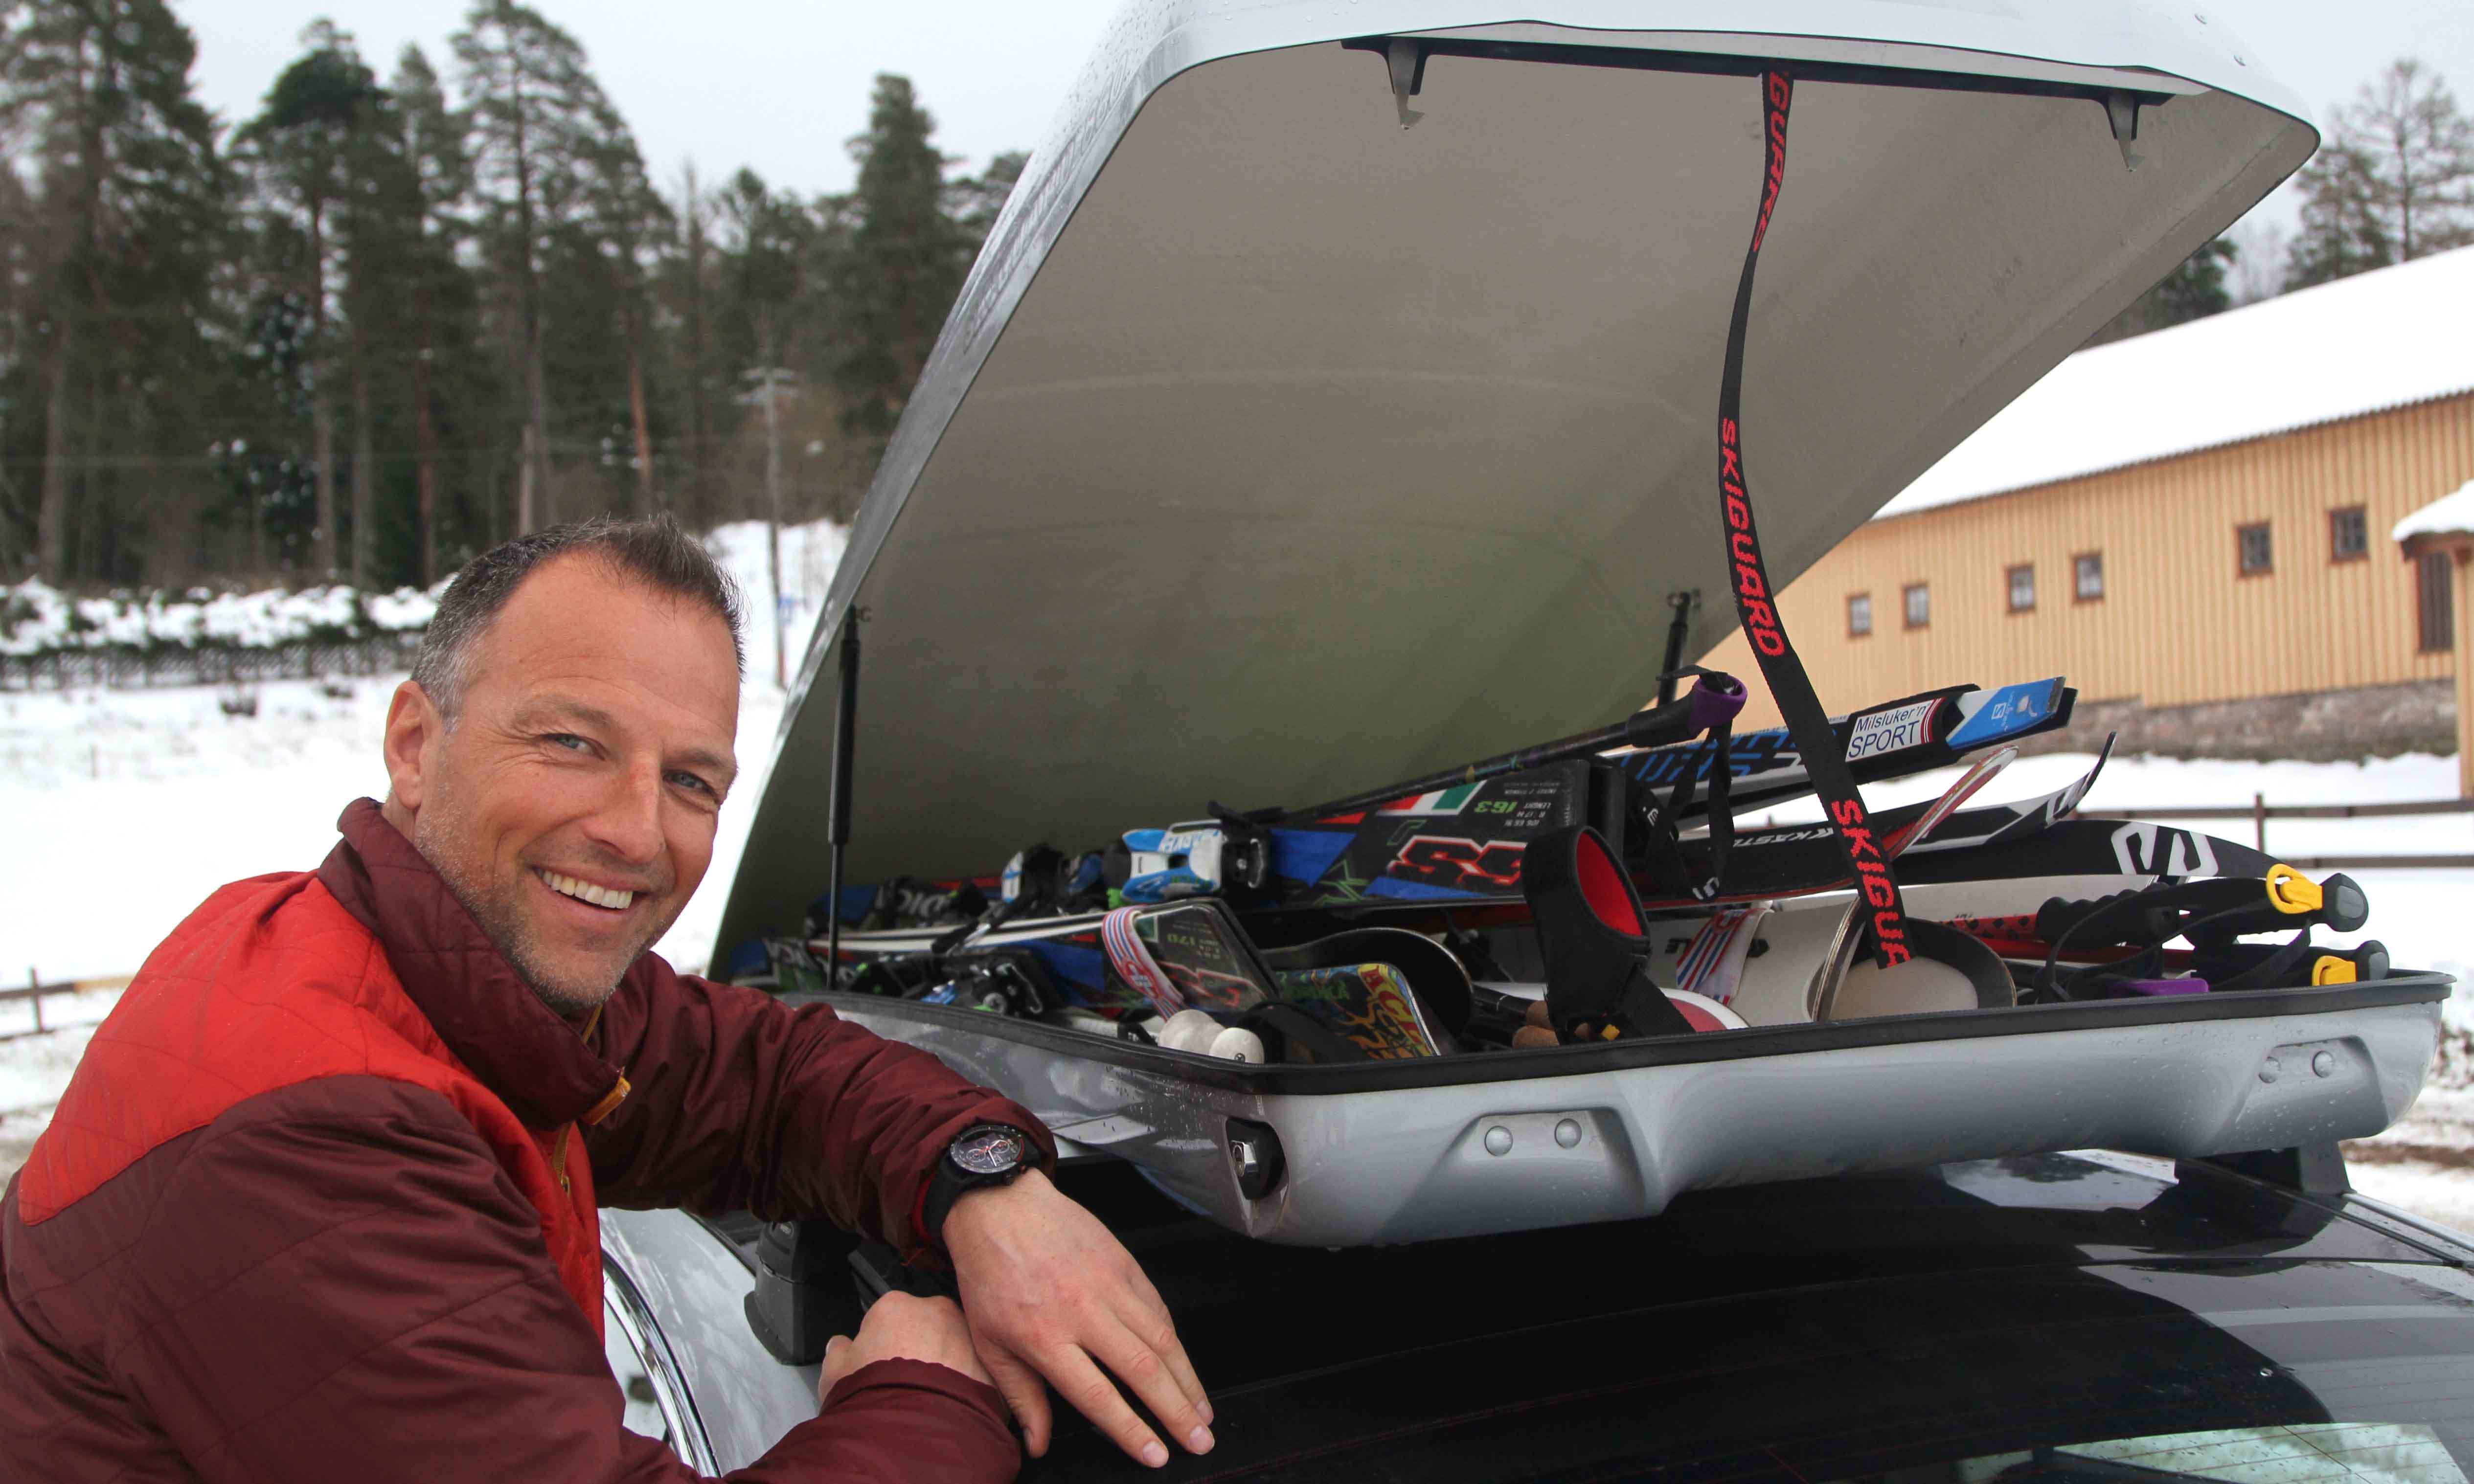 blogg-20150403-stiansen ski